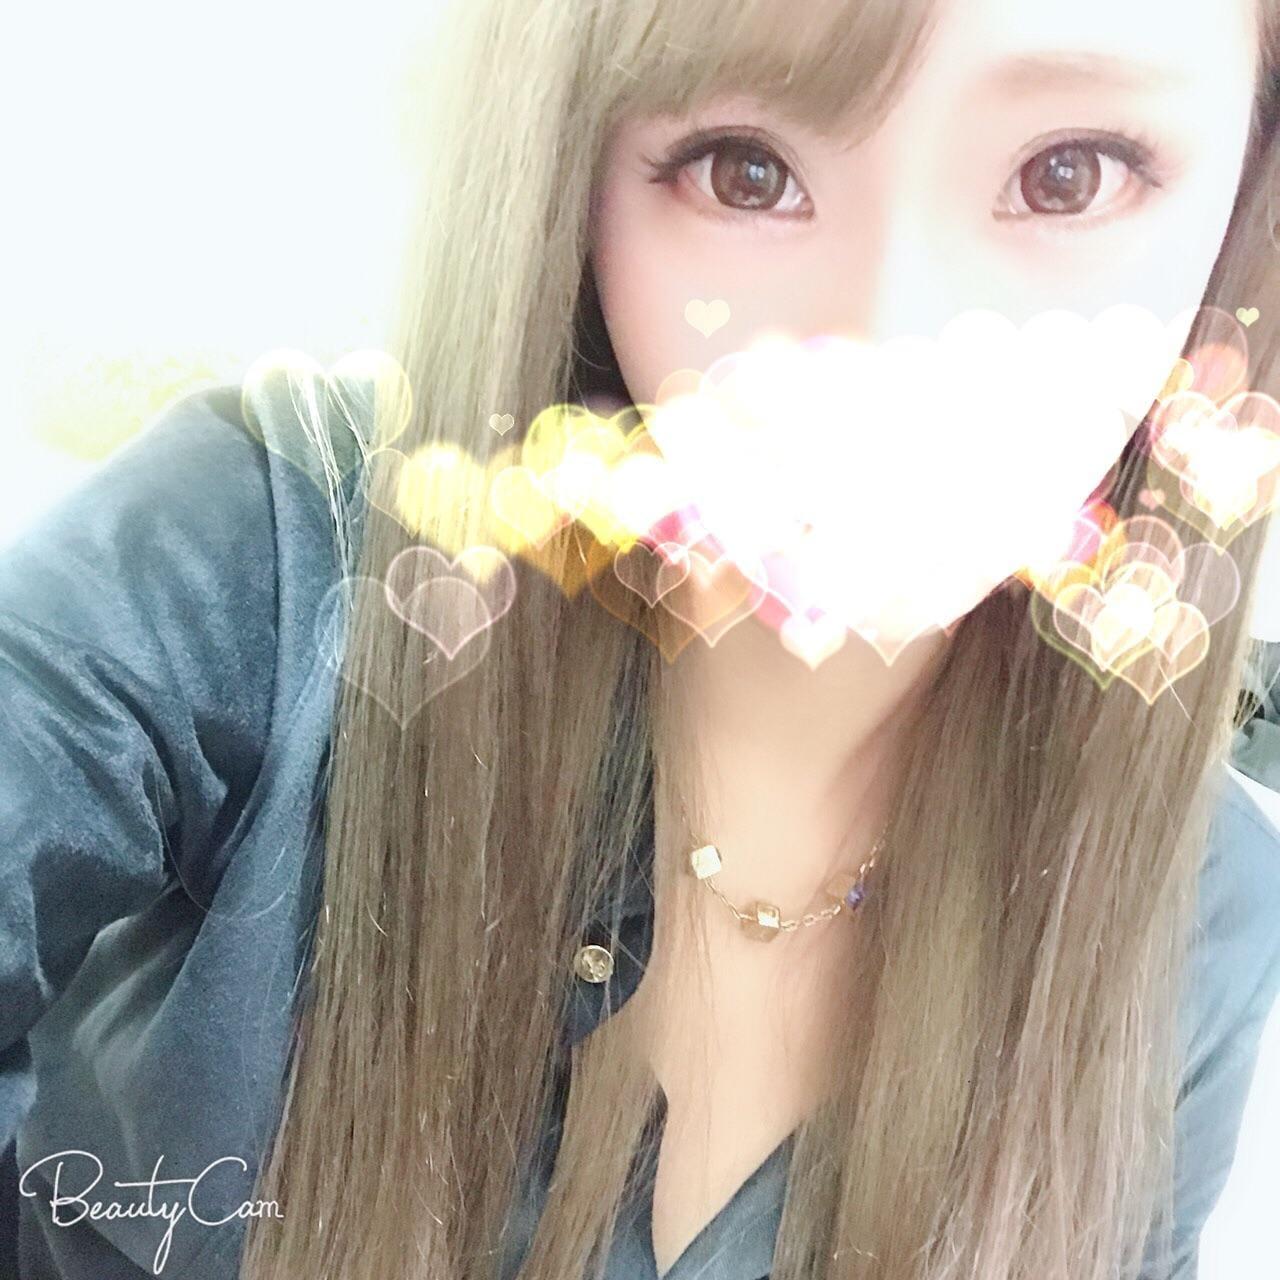 「出勤♪」09/25(火) 21:50 | ERIKAの写メ・風俗動画